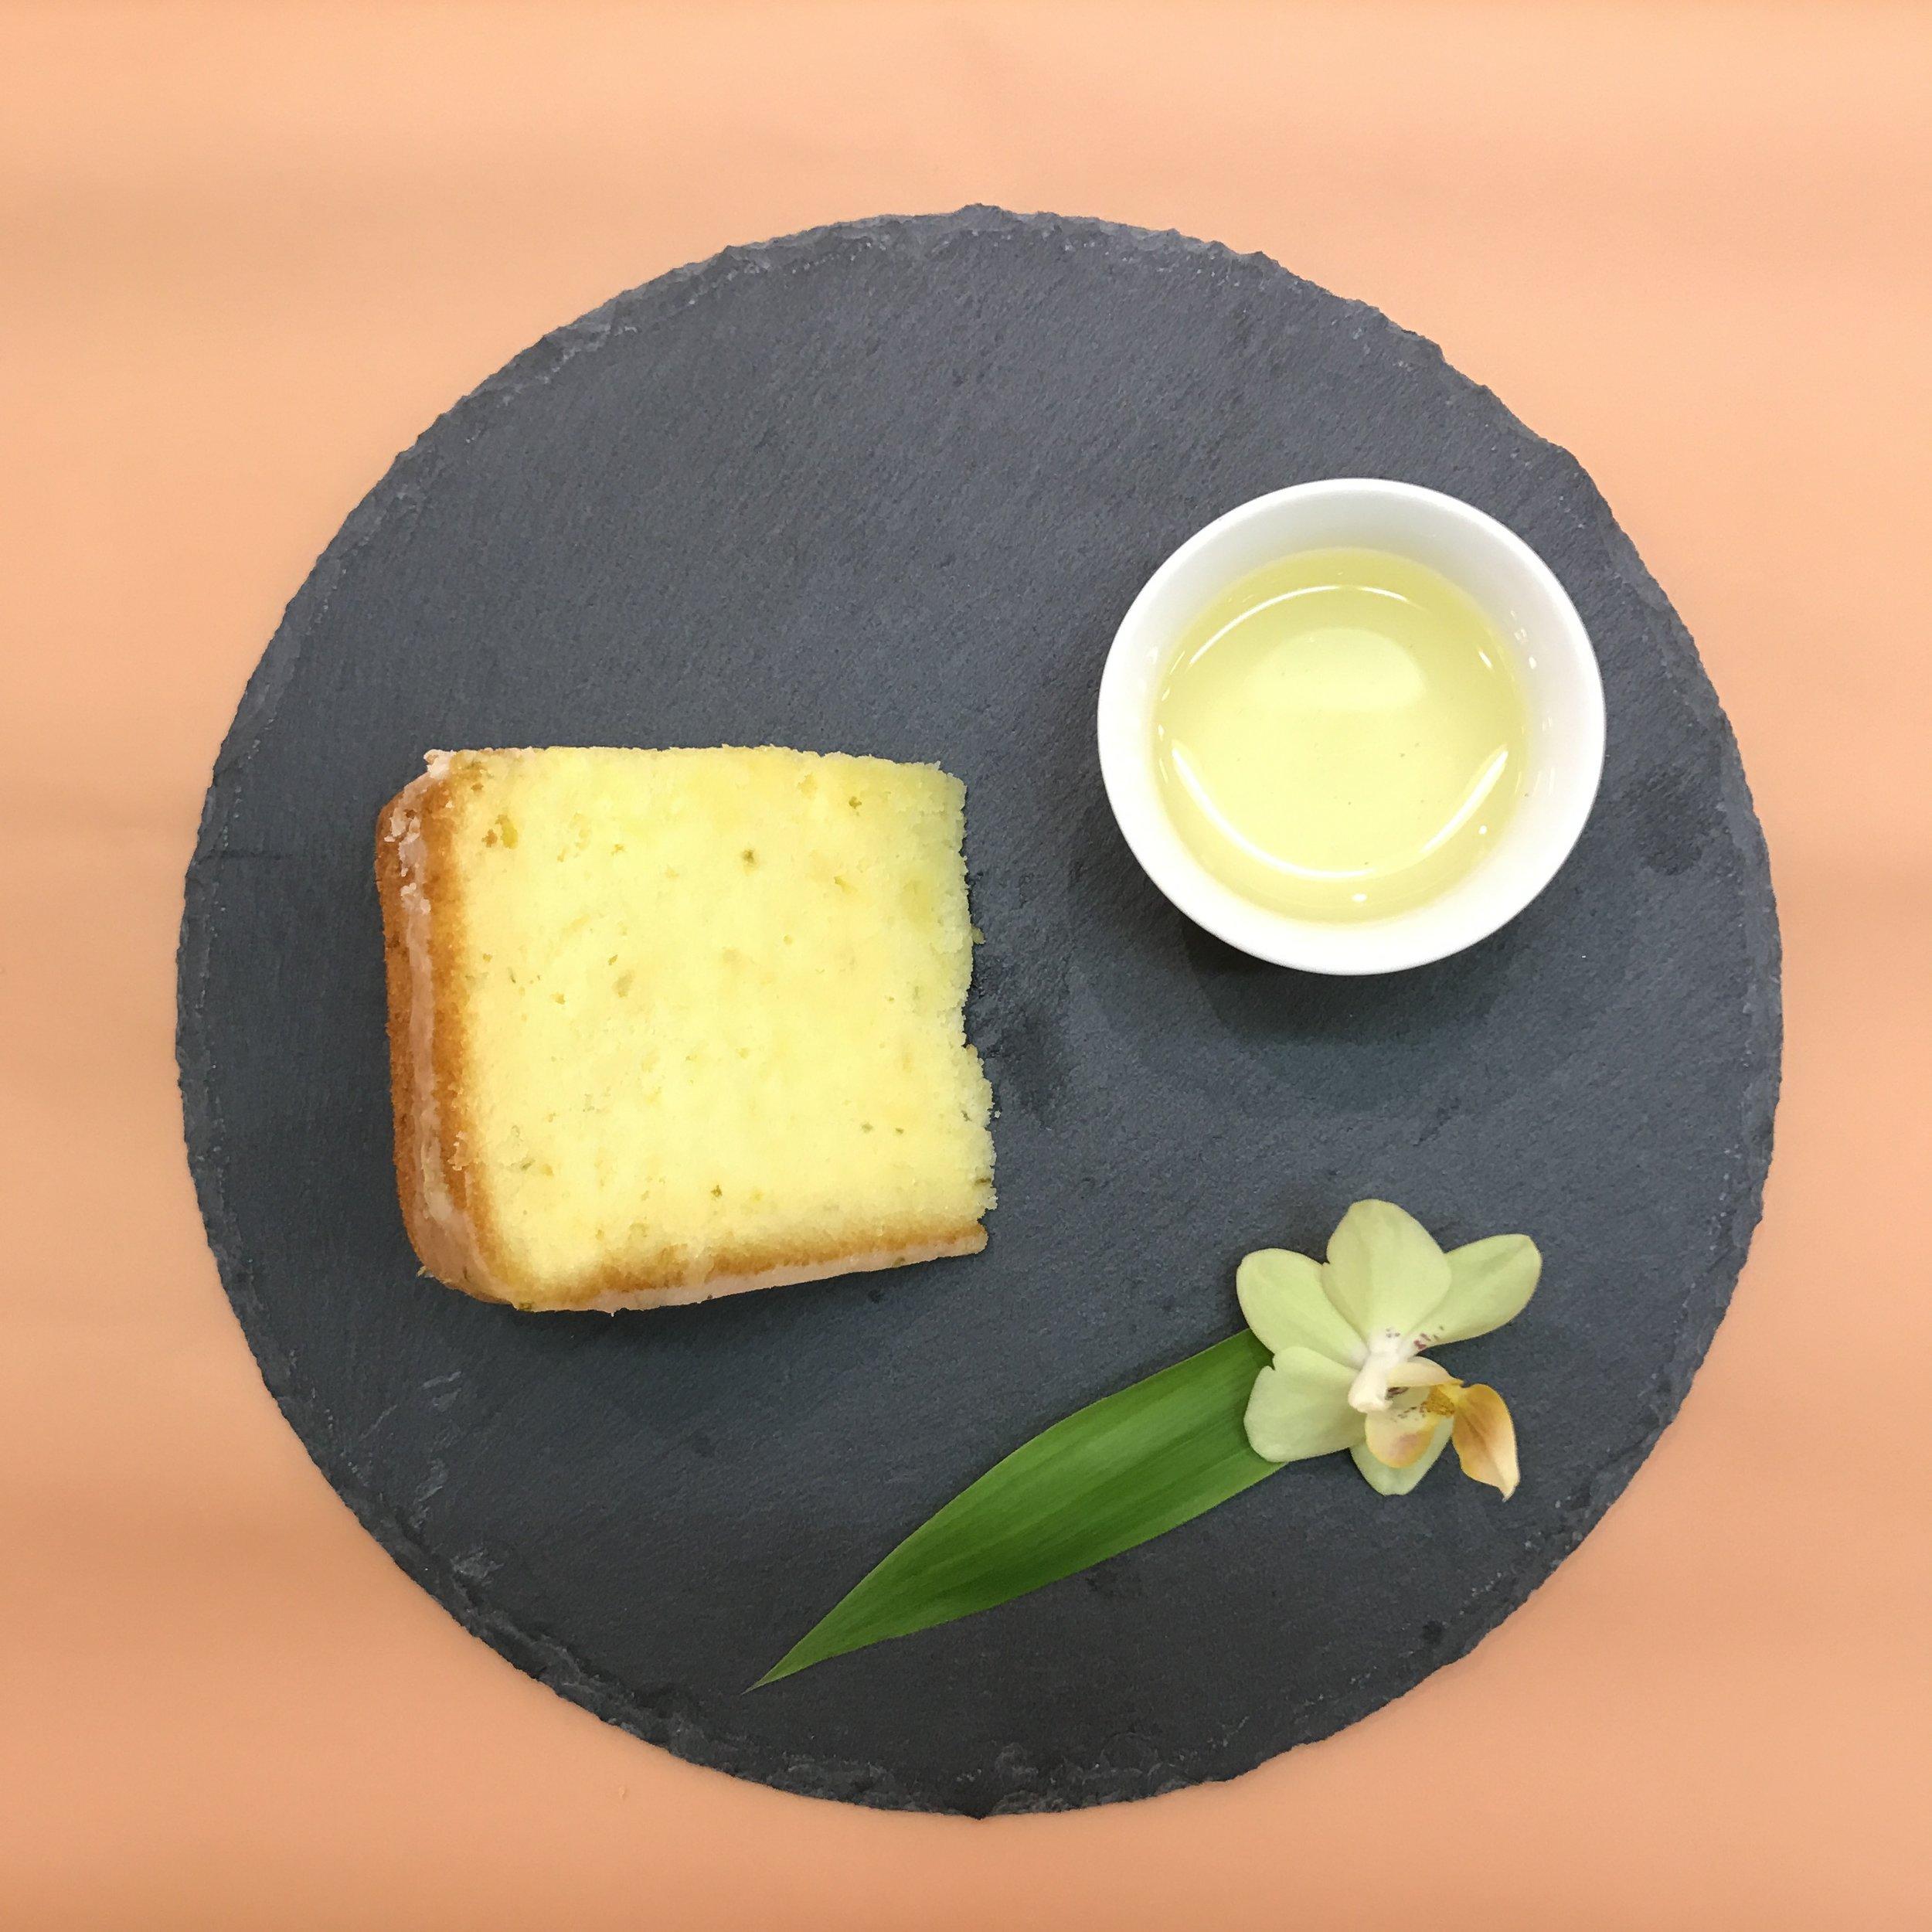 今天的下午茶時光吃的是什麼呢?老奶奶檸檬蛋糕,酸酸甜甜的滋味配上一杯冷泡的文山包種,在融合的過程當中,提升花的香氣與蛋糕的質感,重點是,這是有記名茶夥伴的 #手作蛋糕 ,上面那層糖霜根本就是甜點店等級的啊,據可靠消息指出成本「不敢算」。 #下午茶  #下午茶時光  #afternoontea  #teatime  #takeabrake  #文山包種  #檸檬蛋糕  #🍋  #夥伴好棒棒  #👏